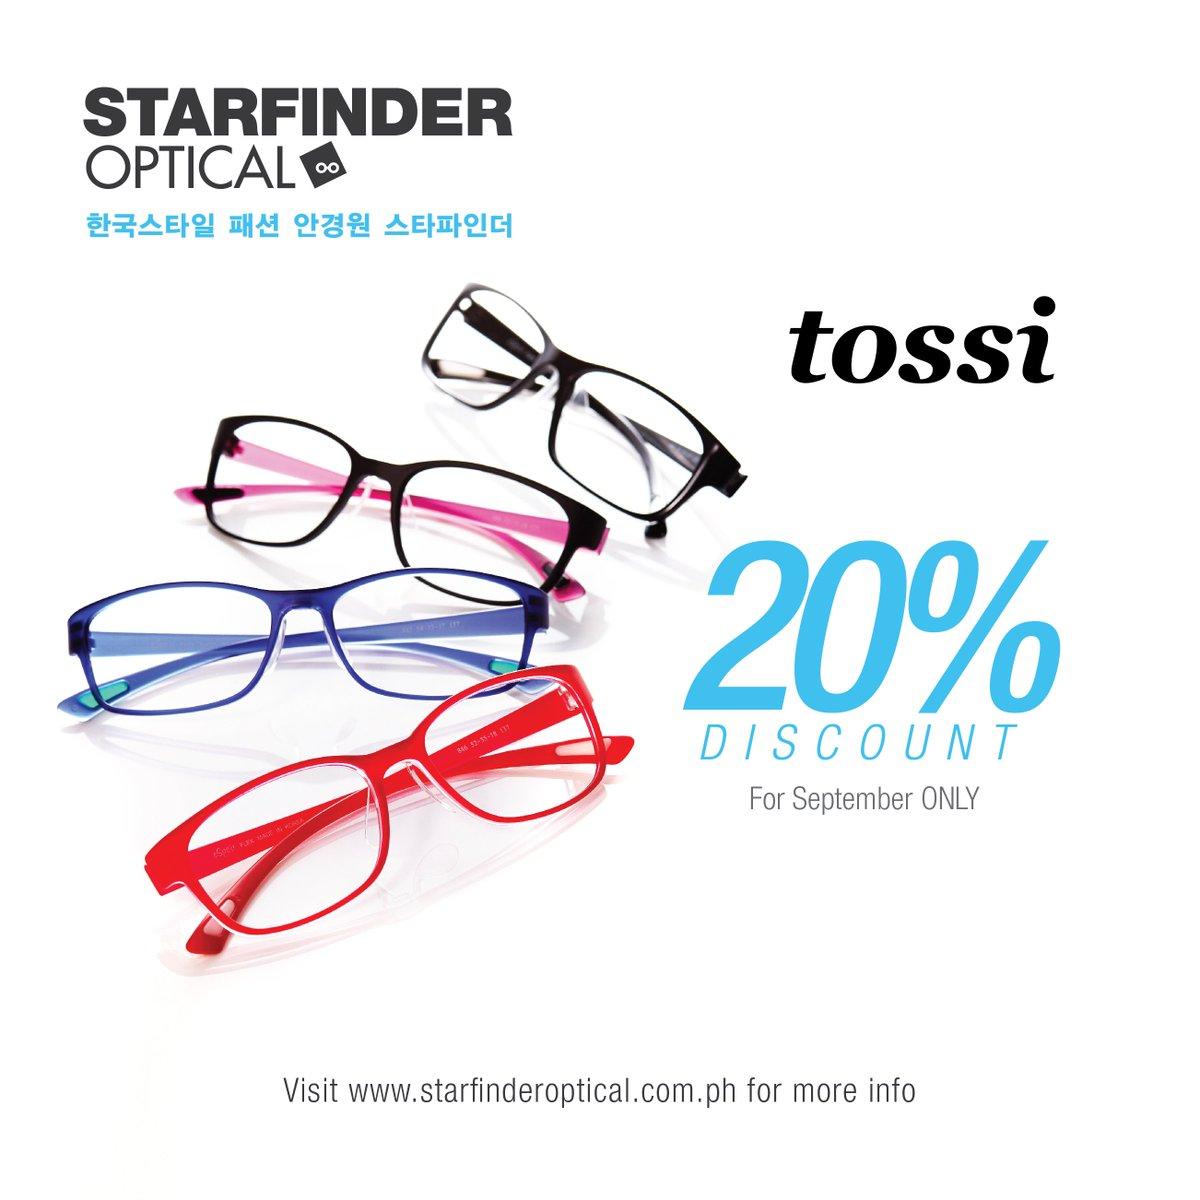 Starfinder Optical on Twitter